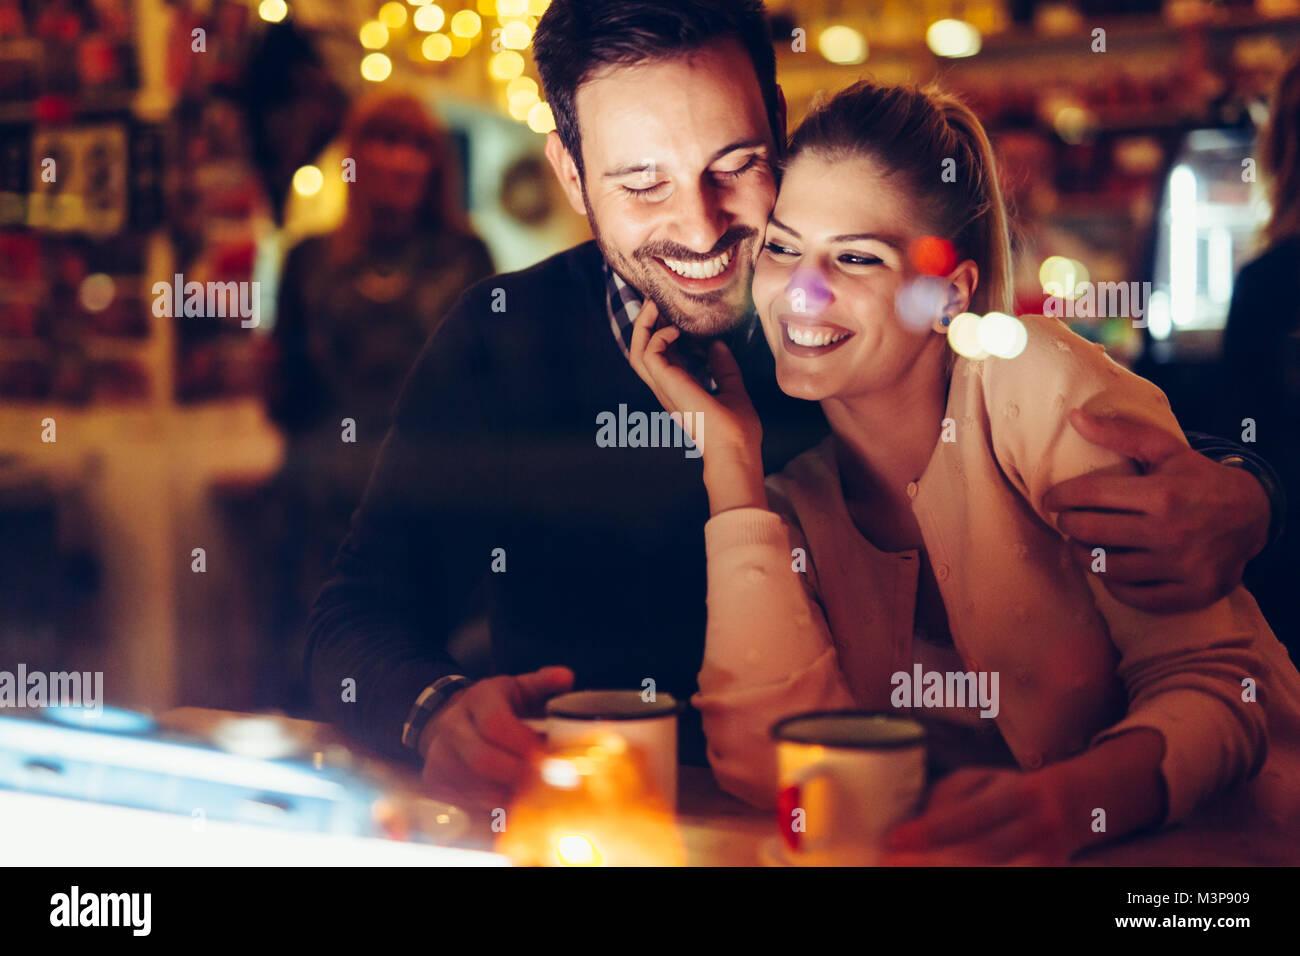 Pareja romántica dating en pub en la noche Imagen De Stock